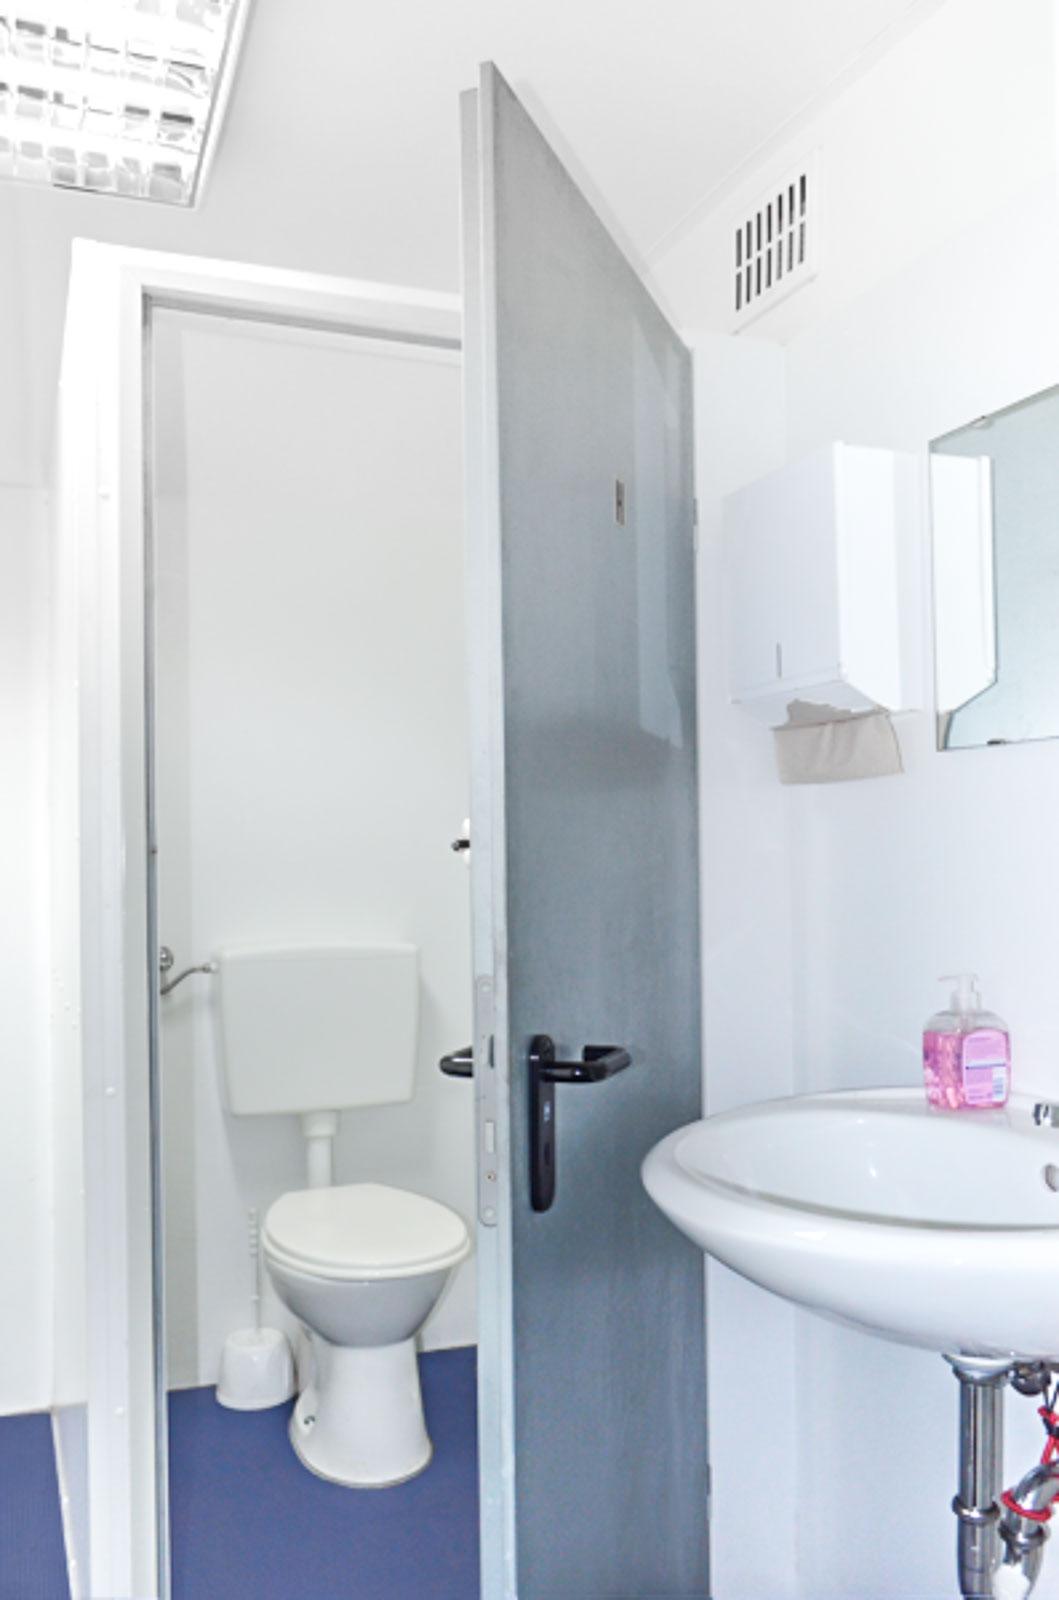 Toiletten Vermietung Aachen - Toilettenwagen Frauentoiletten mit Waschbecken